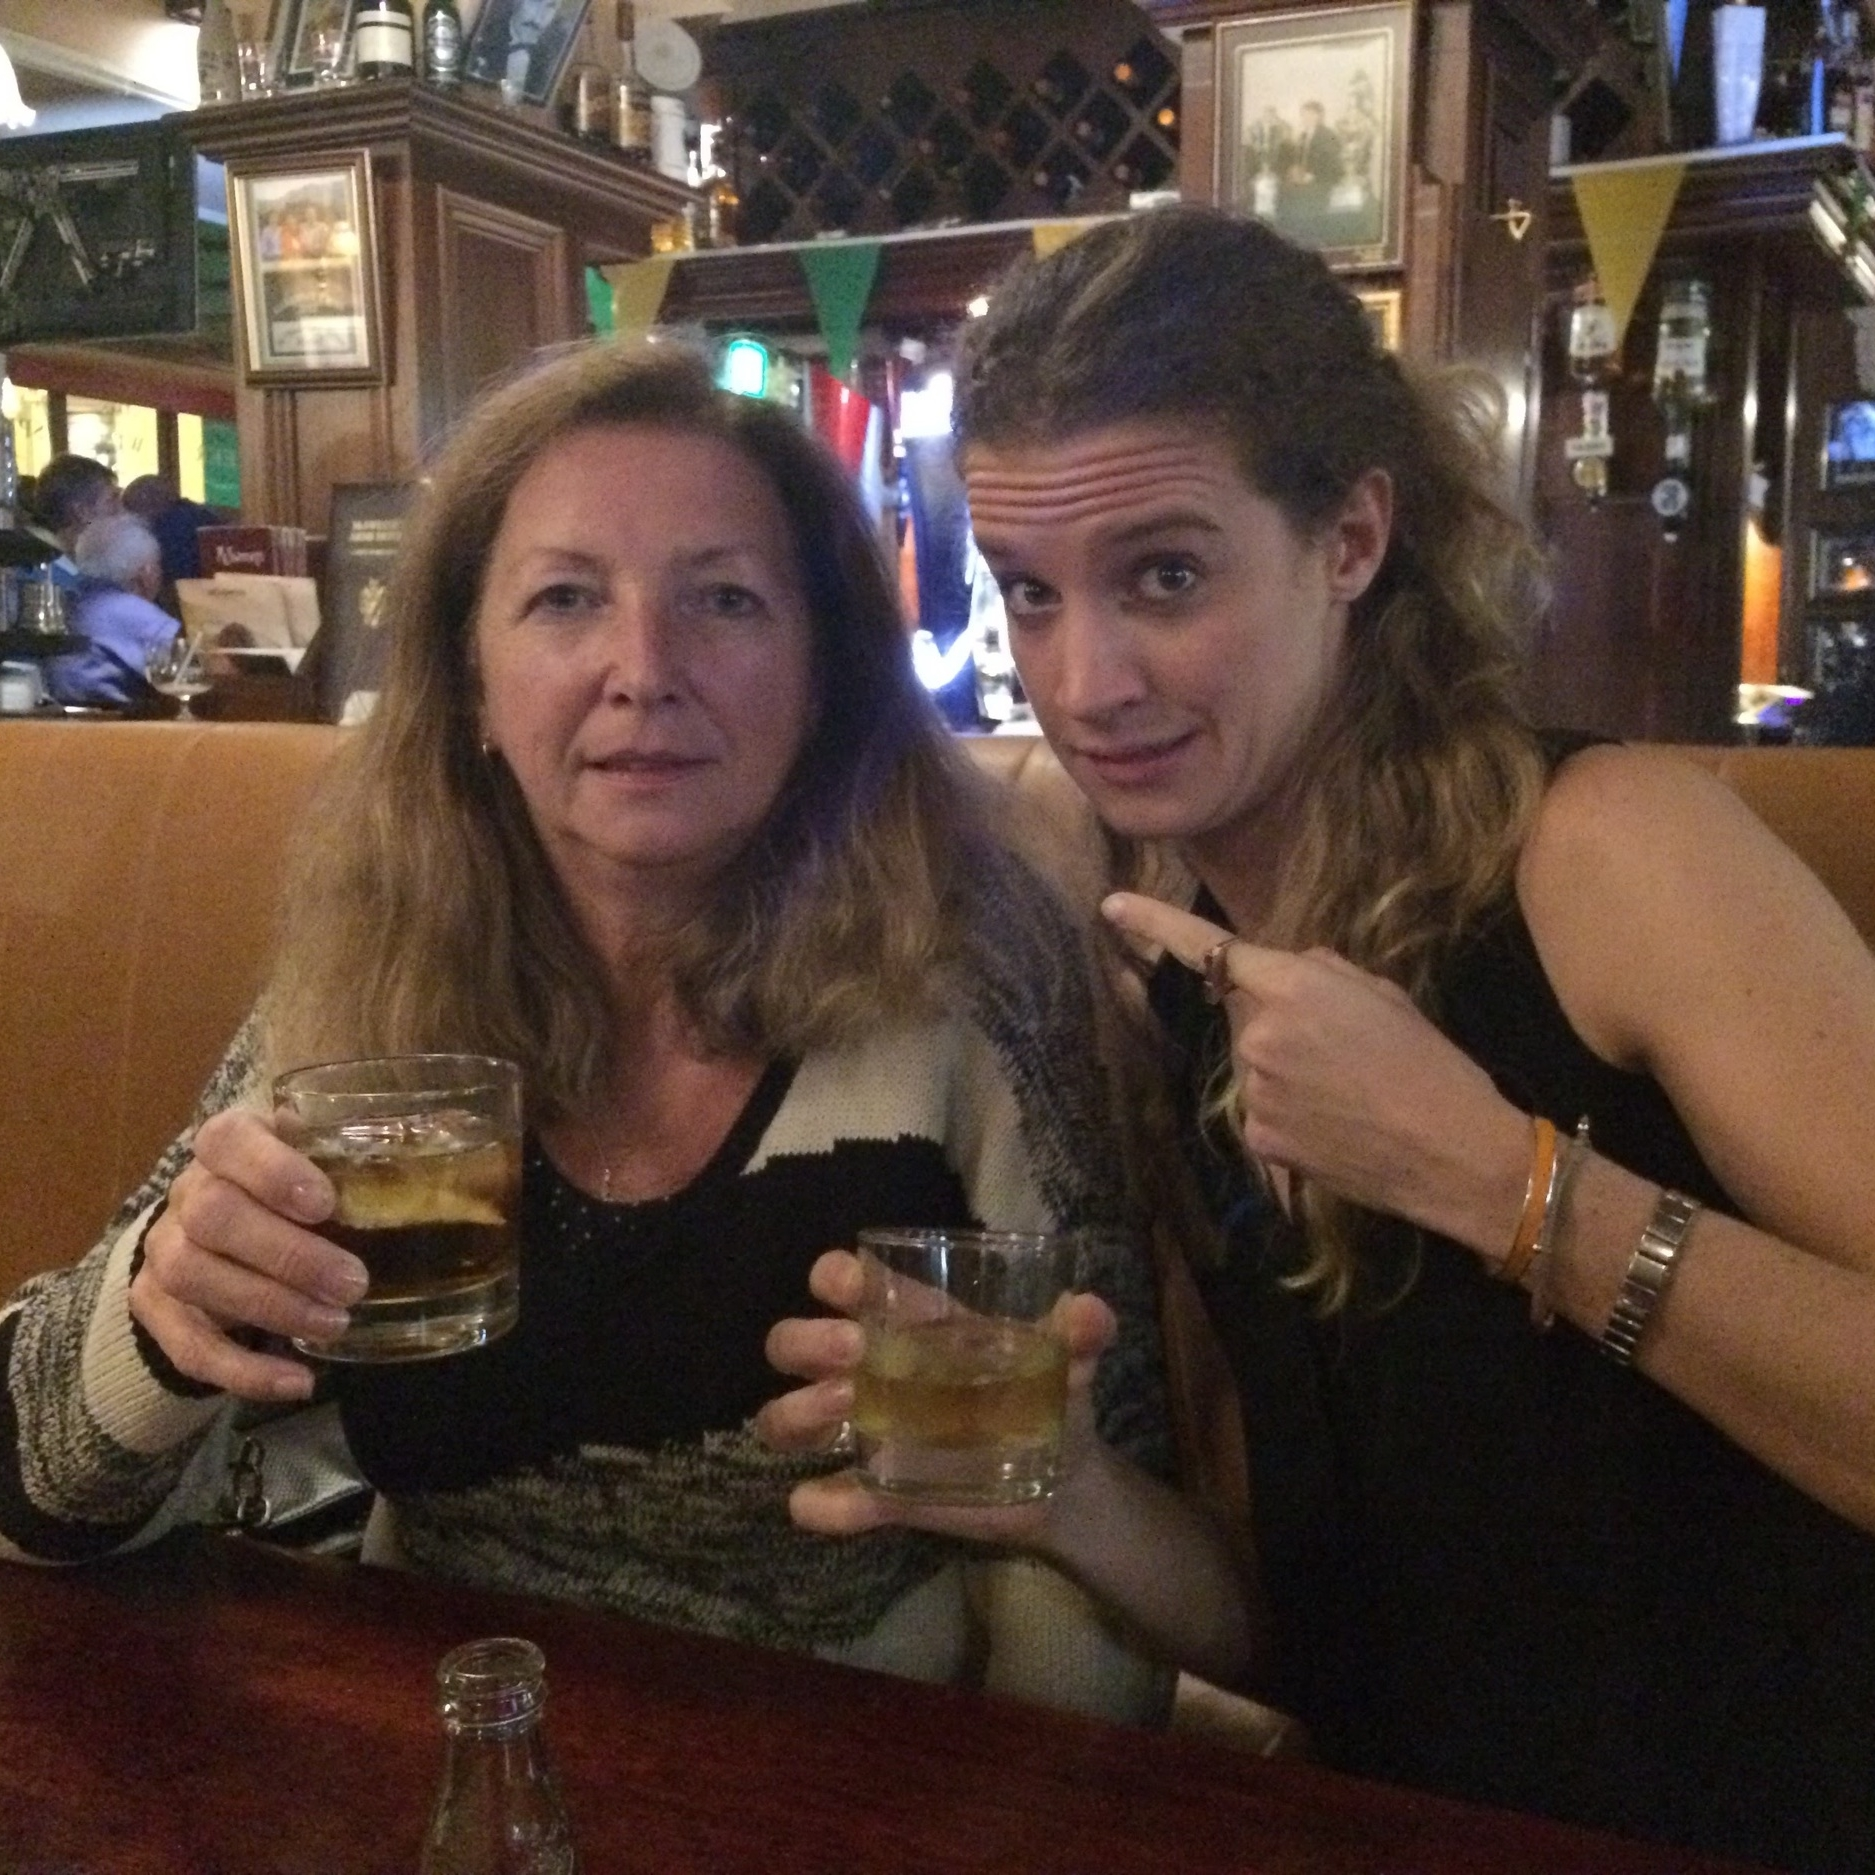 Have a drink dere mammy